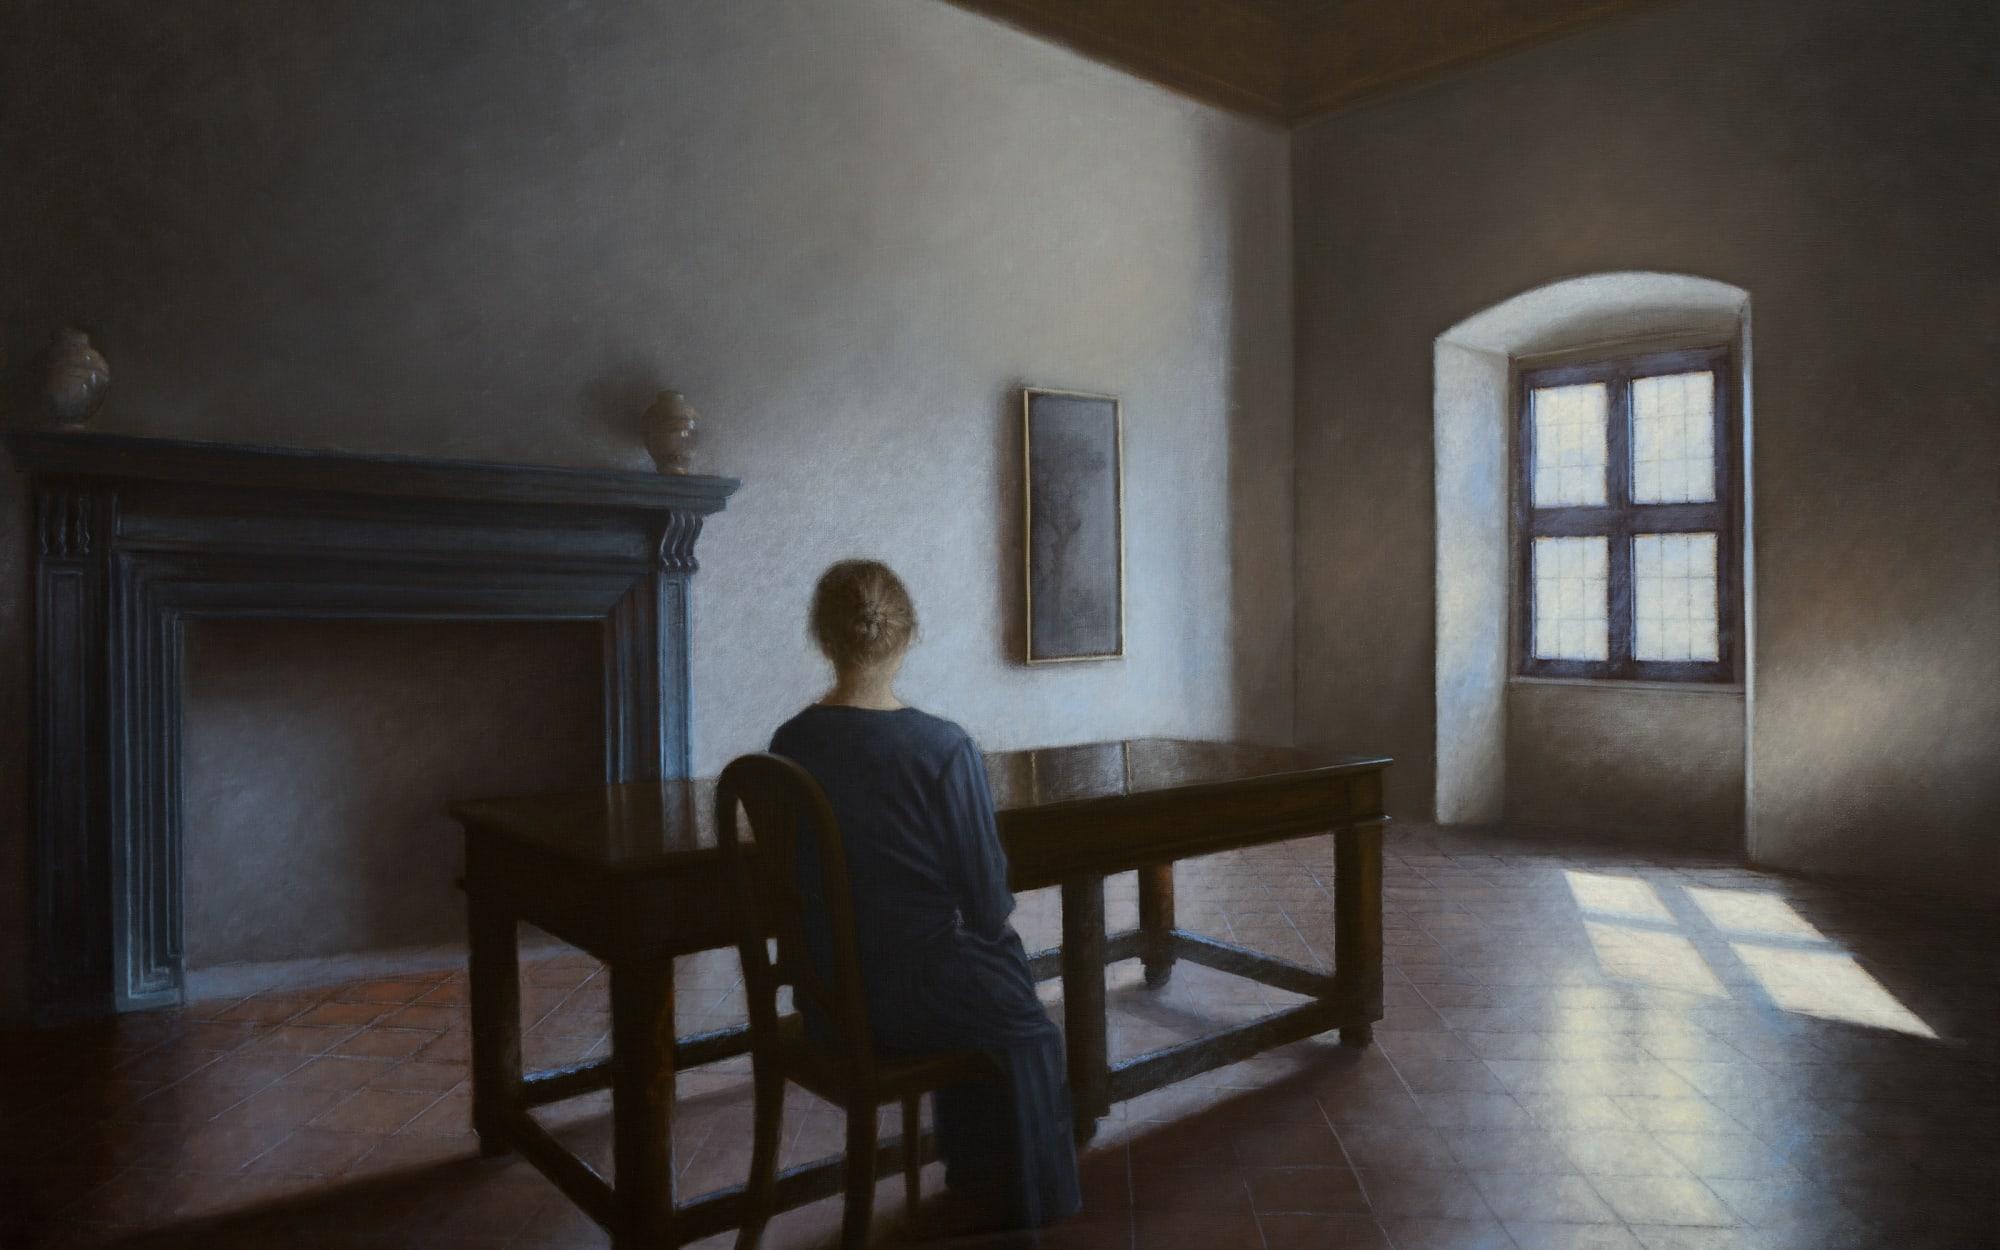 Geneviève Daël: Le souvenir et l'oubli